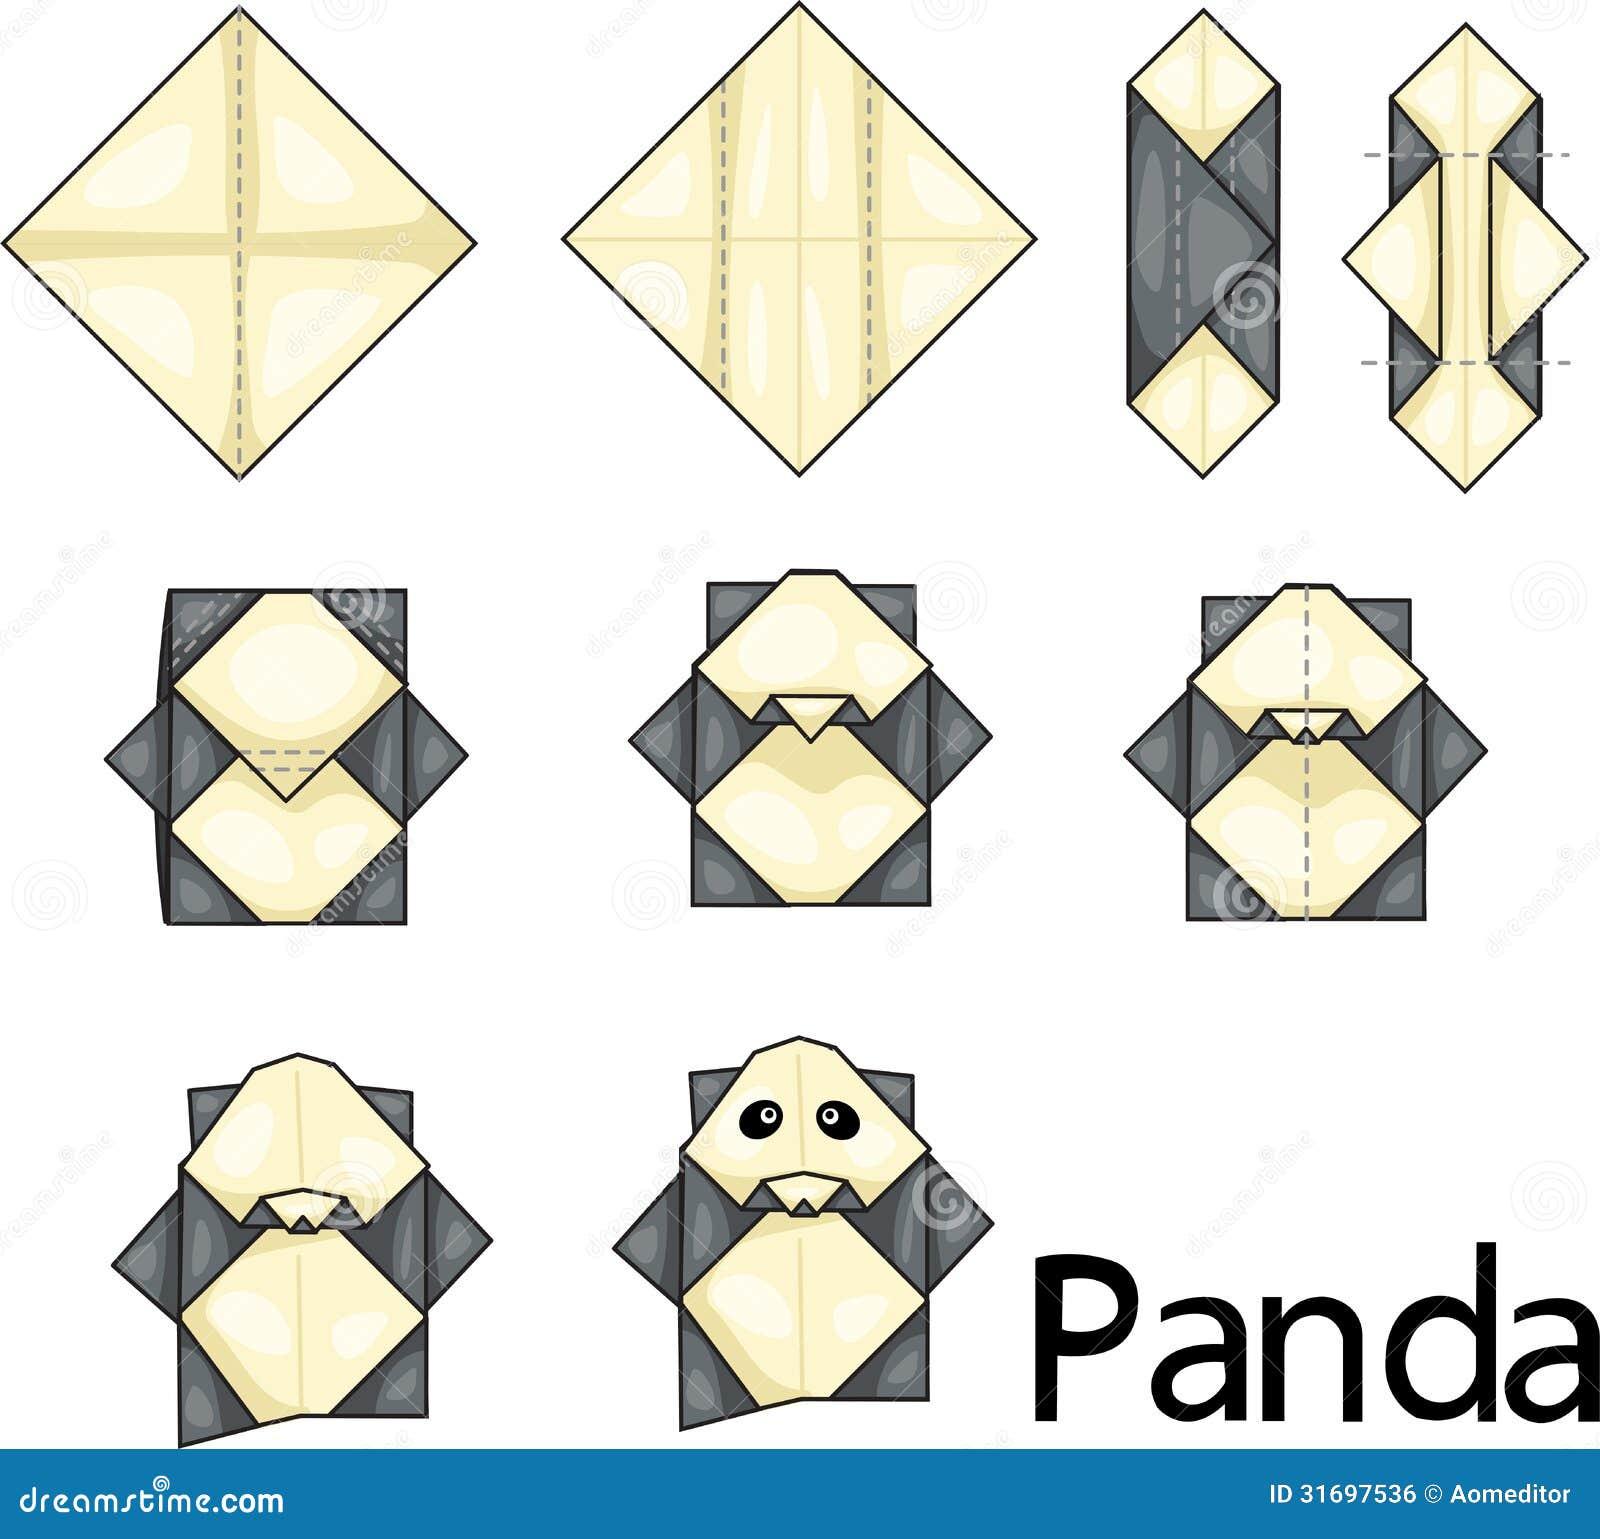 3d Origami Penguin For Beginners